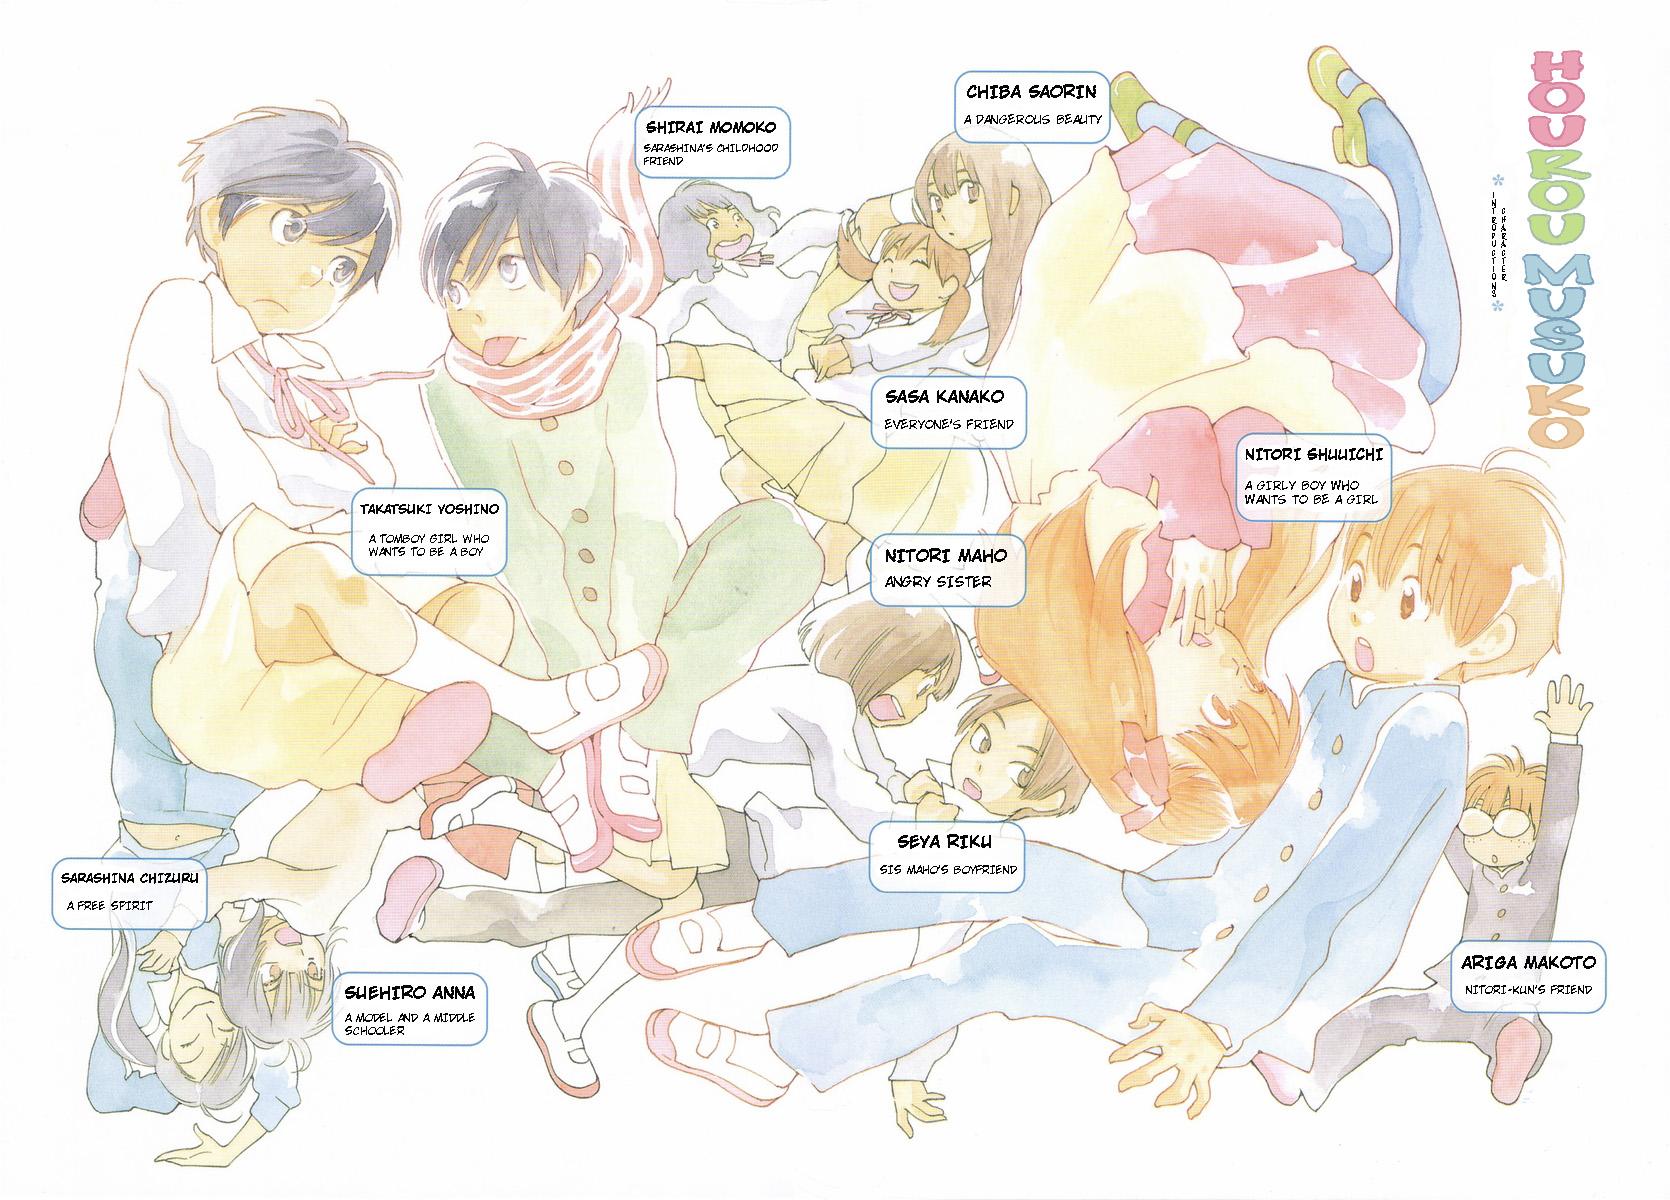 1670x1200 > Hourou Musuko Wallpapers